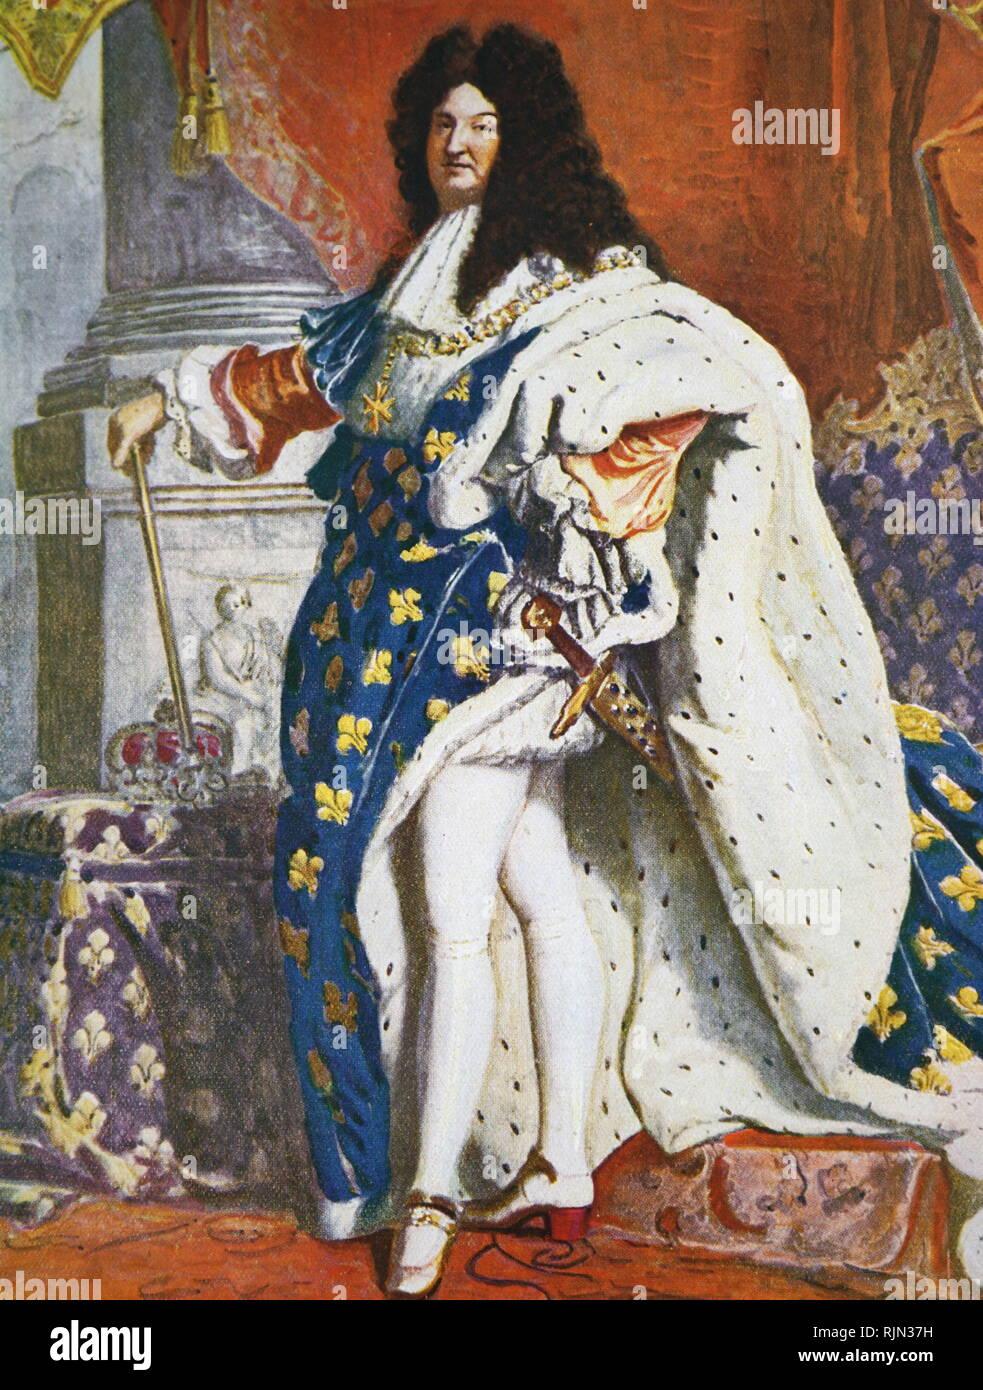 Ilustración mostrando el rey de Francia, Luis XIV (1638 - 1715) Foto de stock